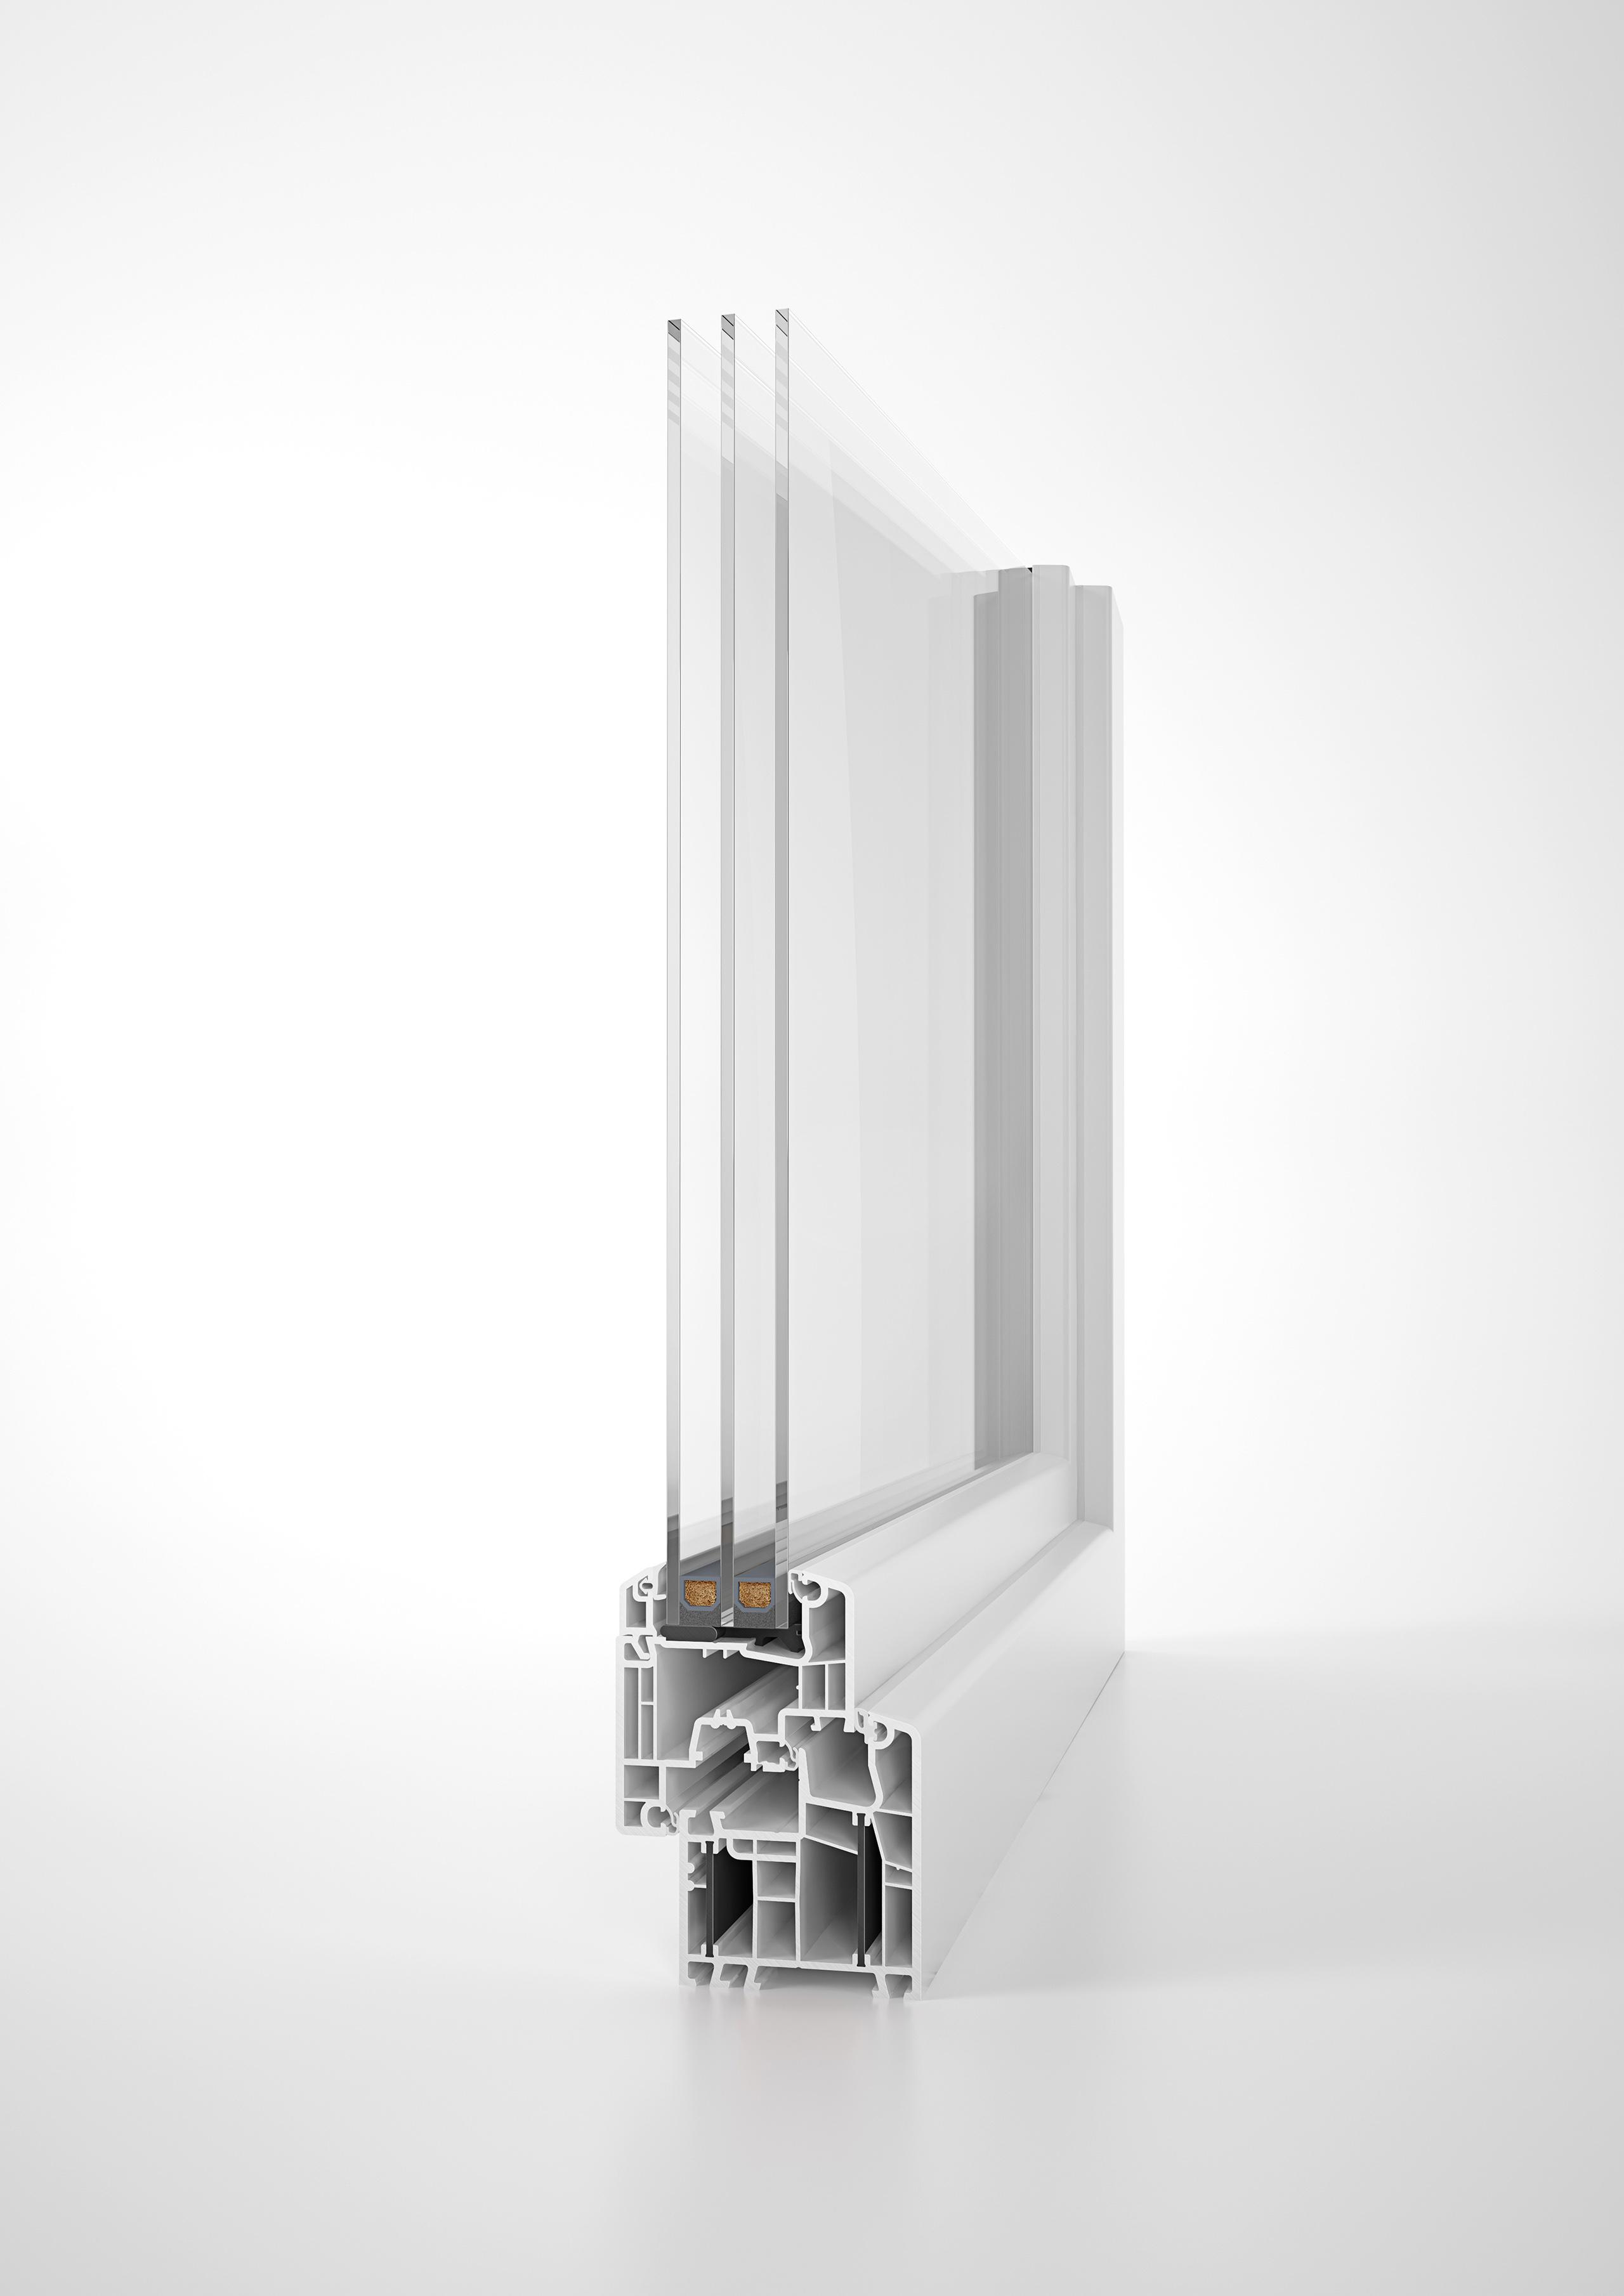 Fensterkonfigurator aluplast  energeto 5000 | 70mm Bautiefe - Das Plus an Sicherheit und ...